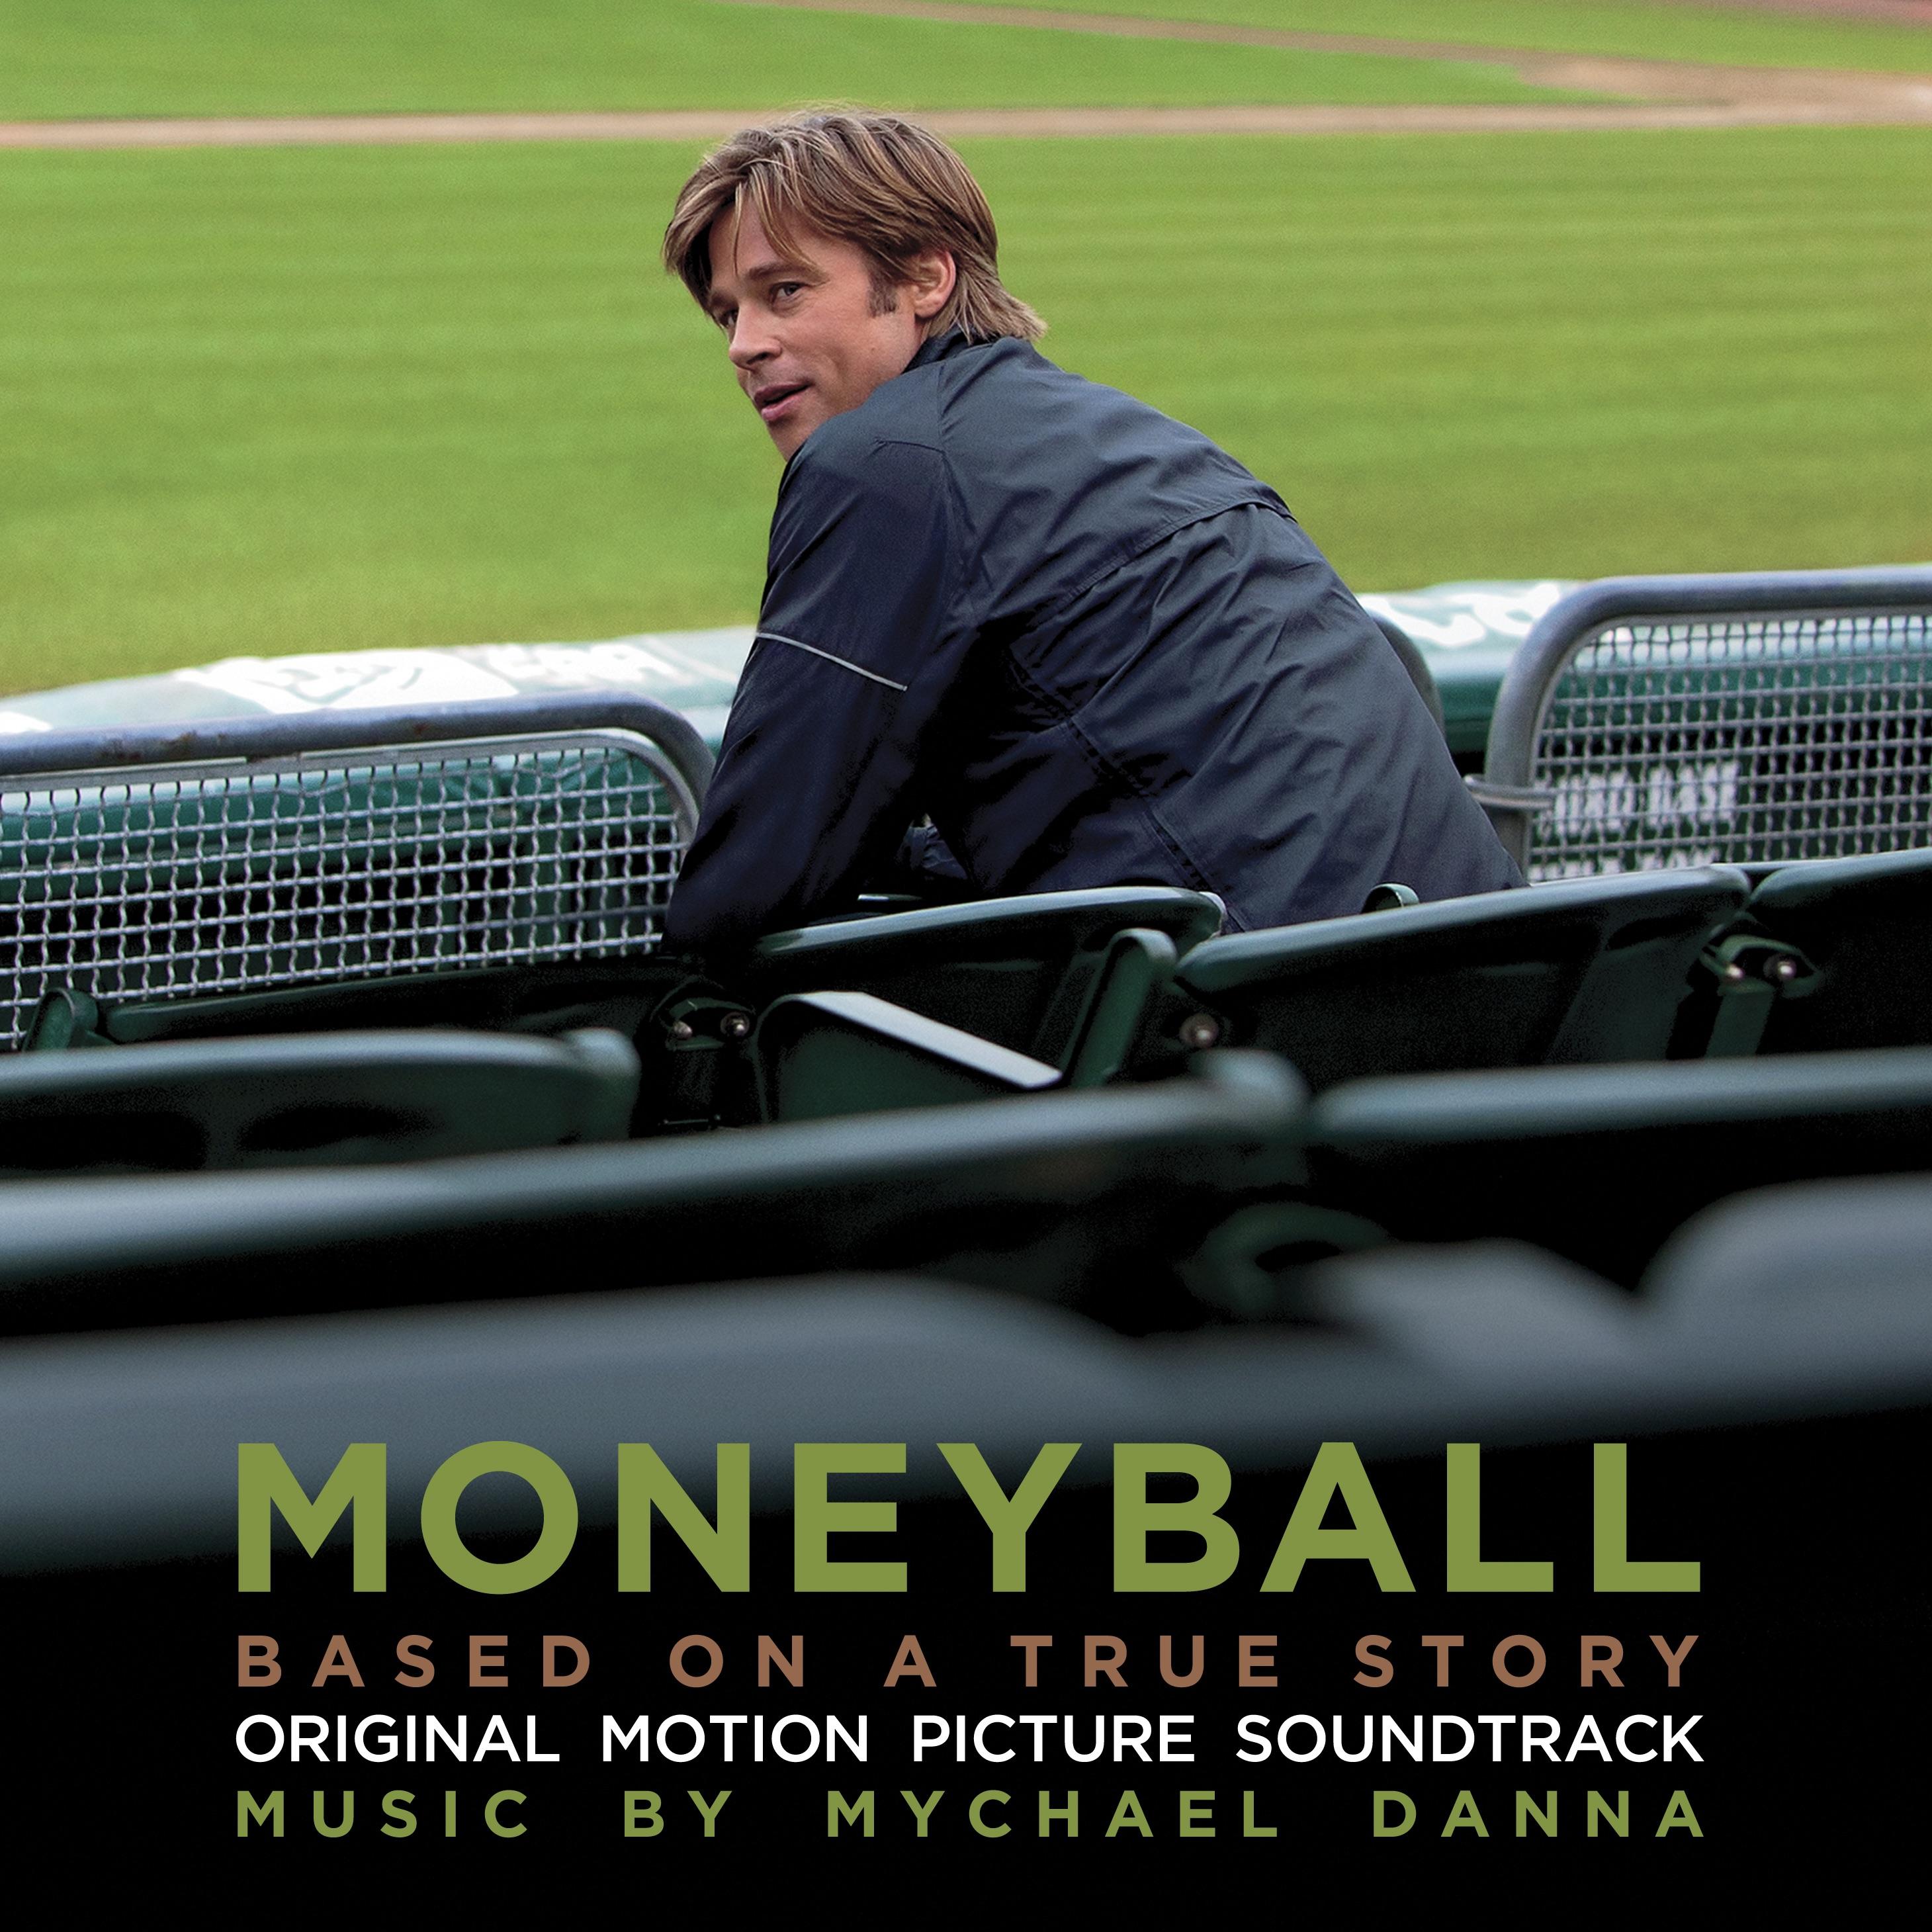 Покупка загрузить, moneyball (original motion picture soundtrack), mychael danna, музыка, синглы, песни